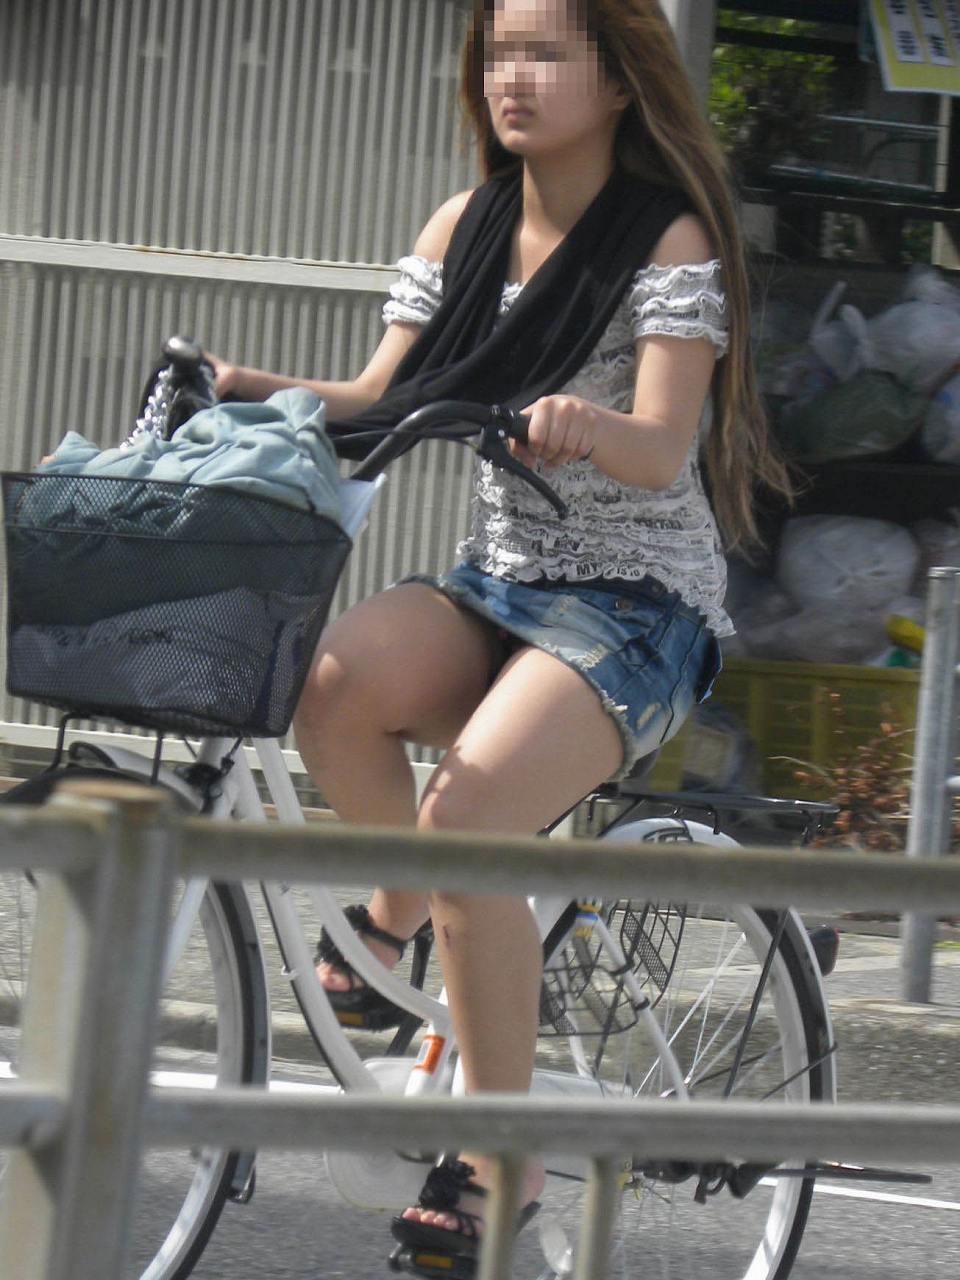 新人OLがリクスーで自転車三角パンチラ寸前盗撮エロ画像5枚目